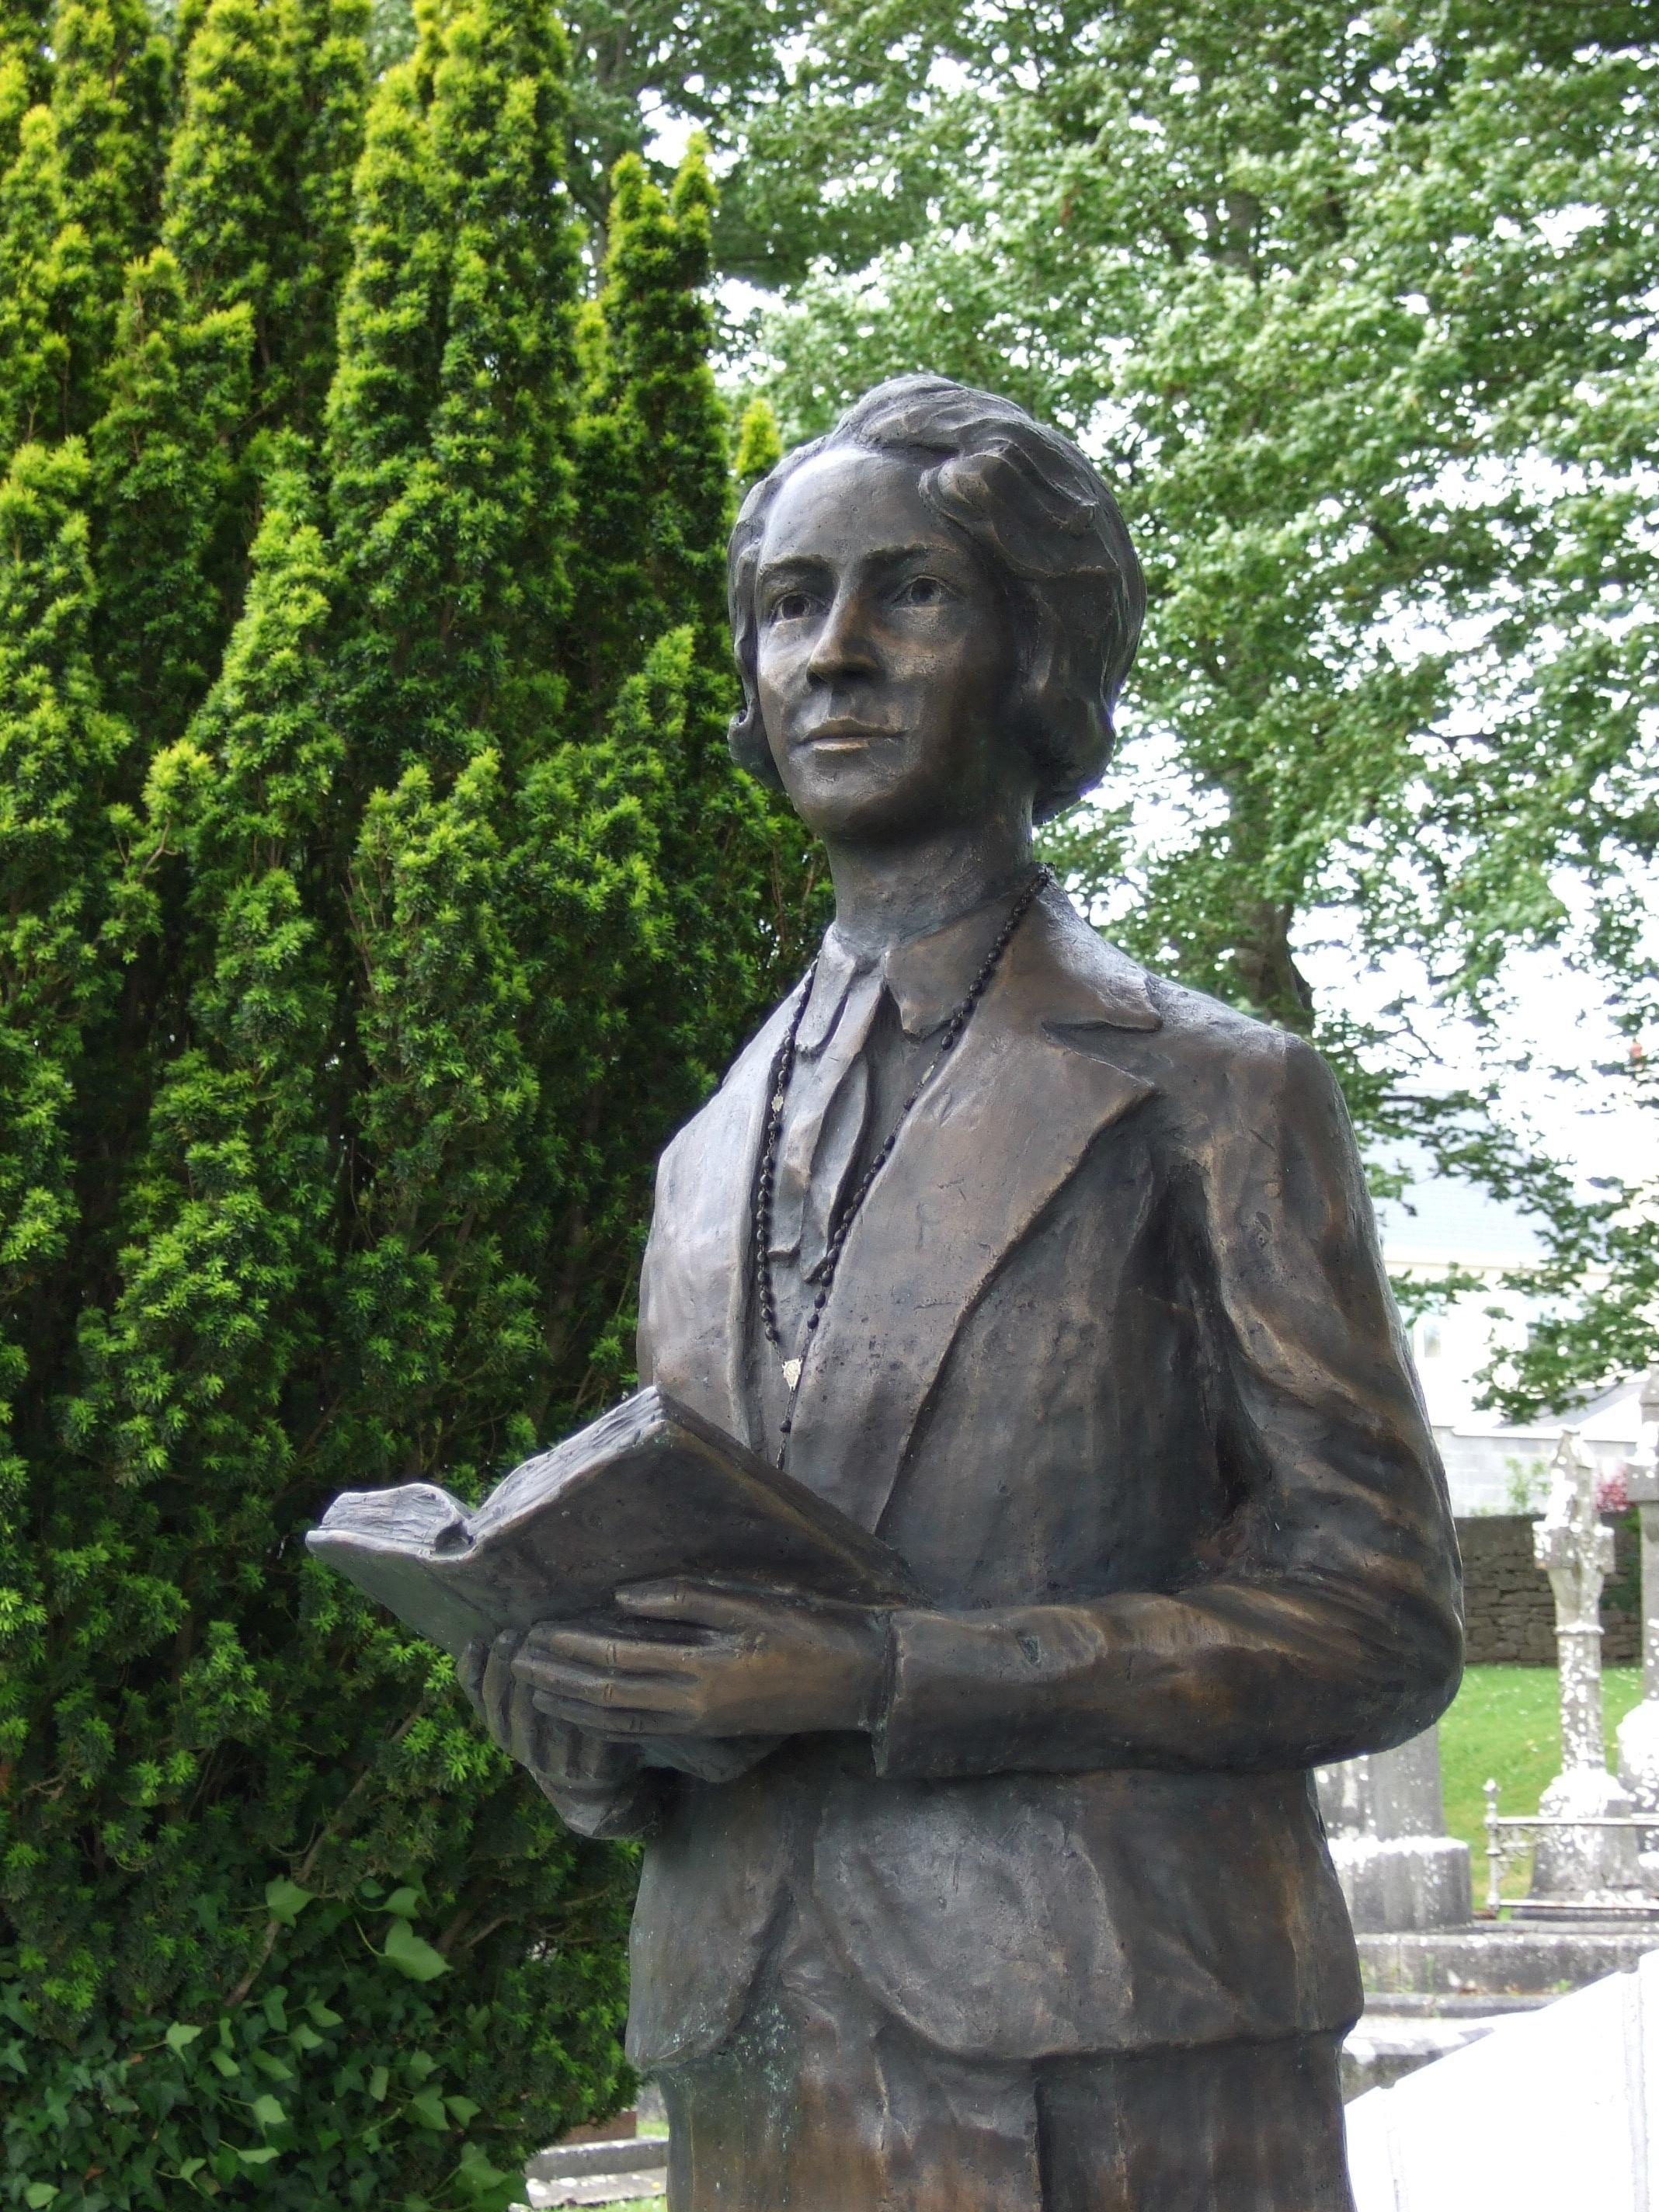 Statue of Edel in Castemagner, Co. Cork